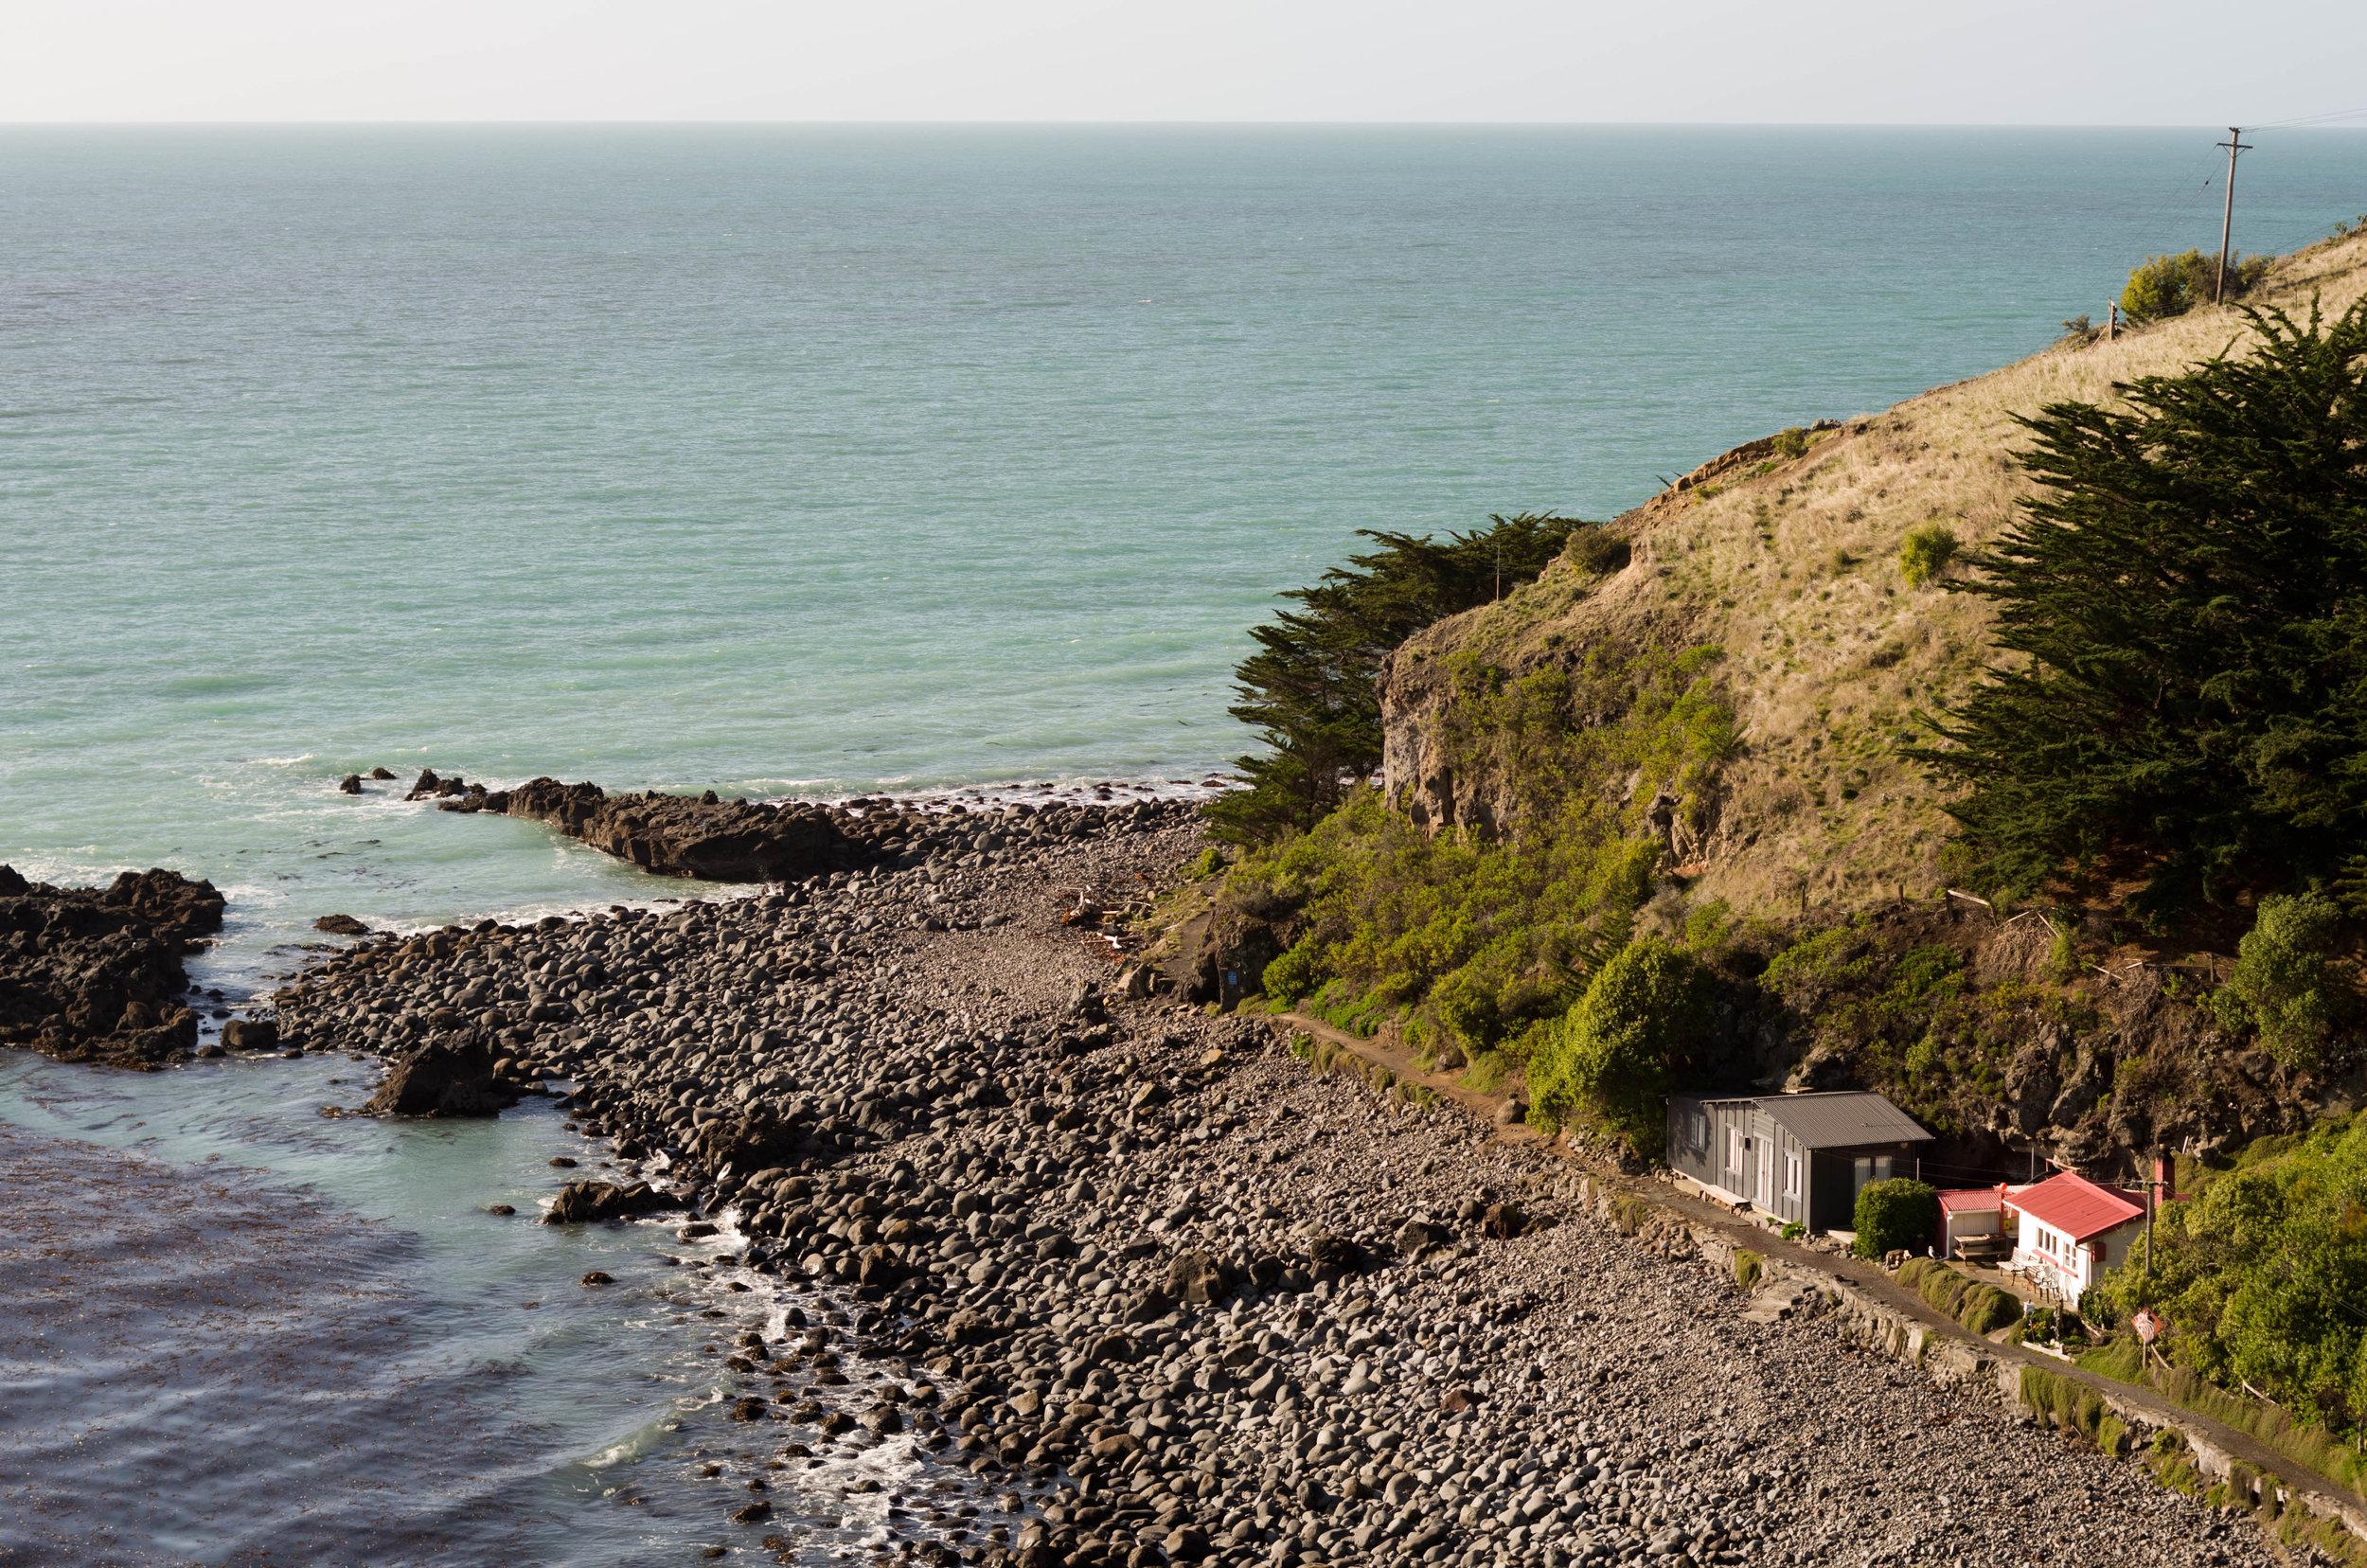 Sumner, New Zealand